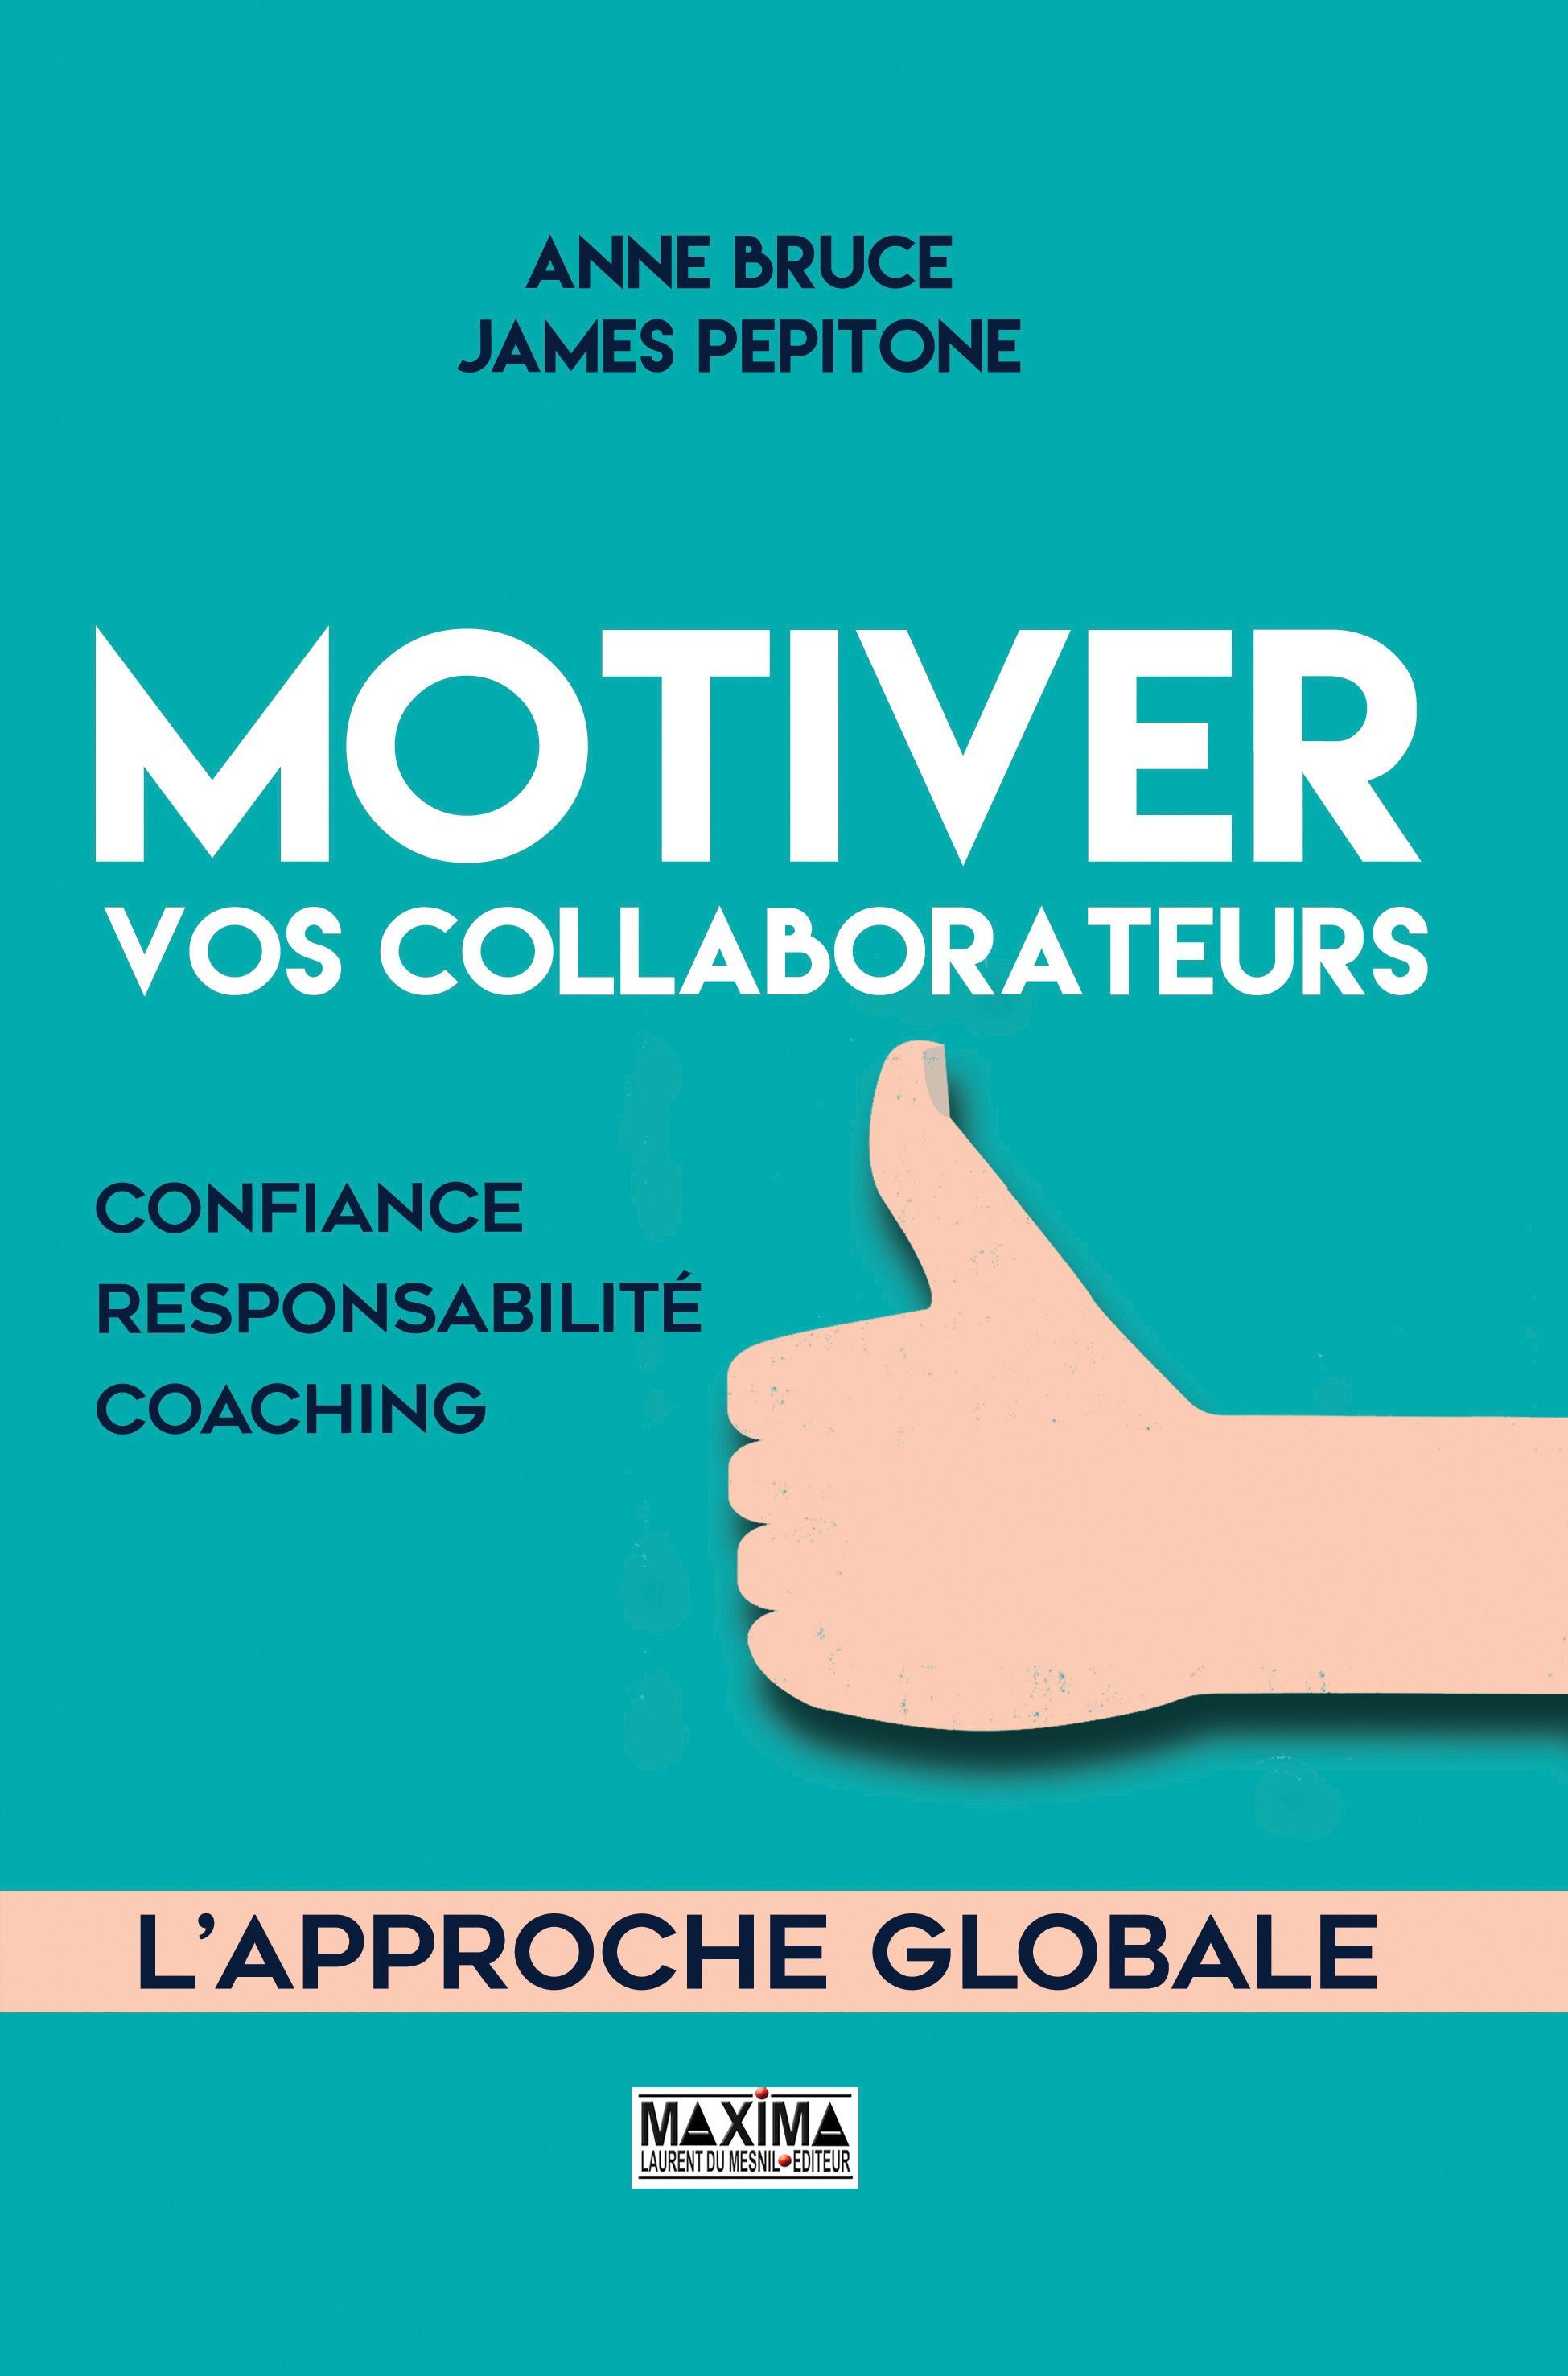 Motiver vos collaborateurs, CONFIANCE, RESPONSABILITÉ, COACHING